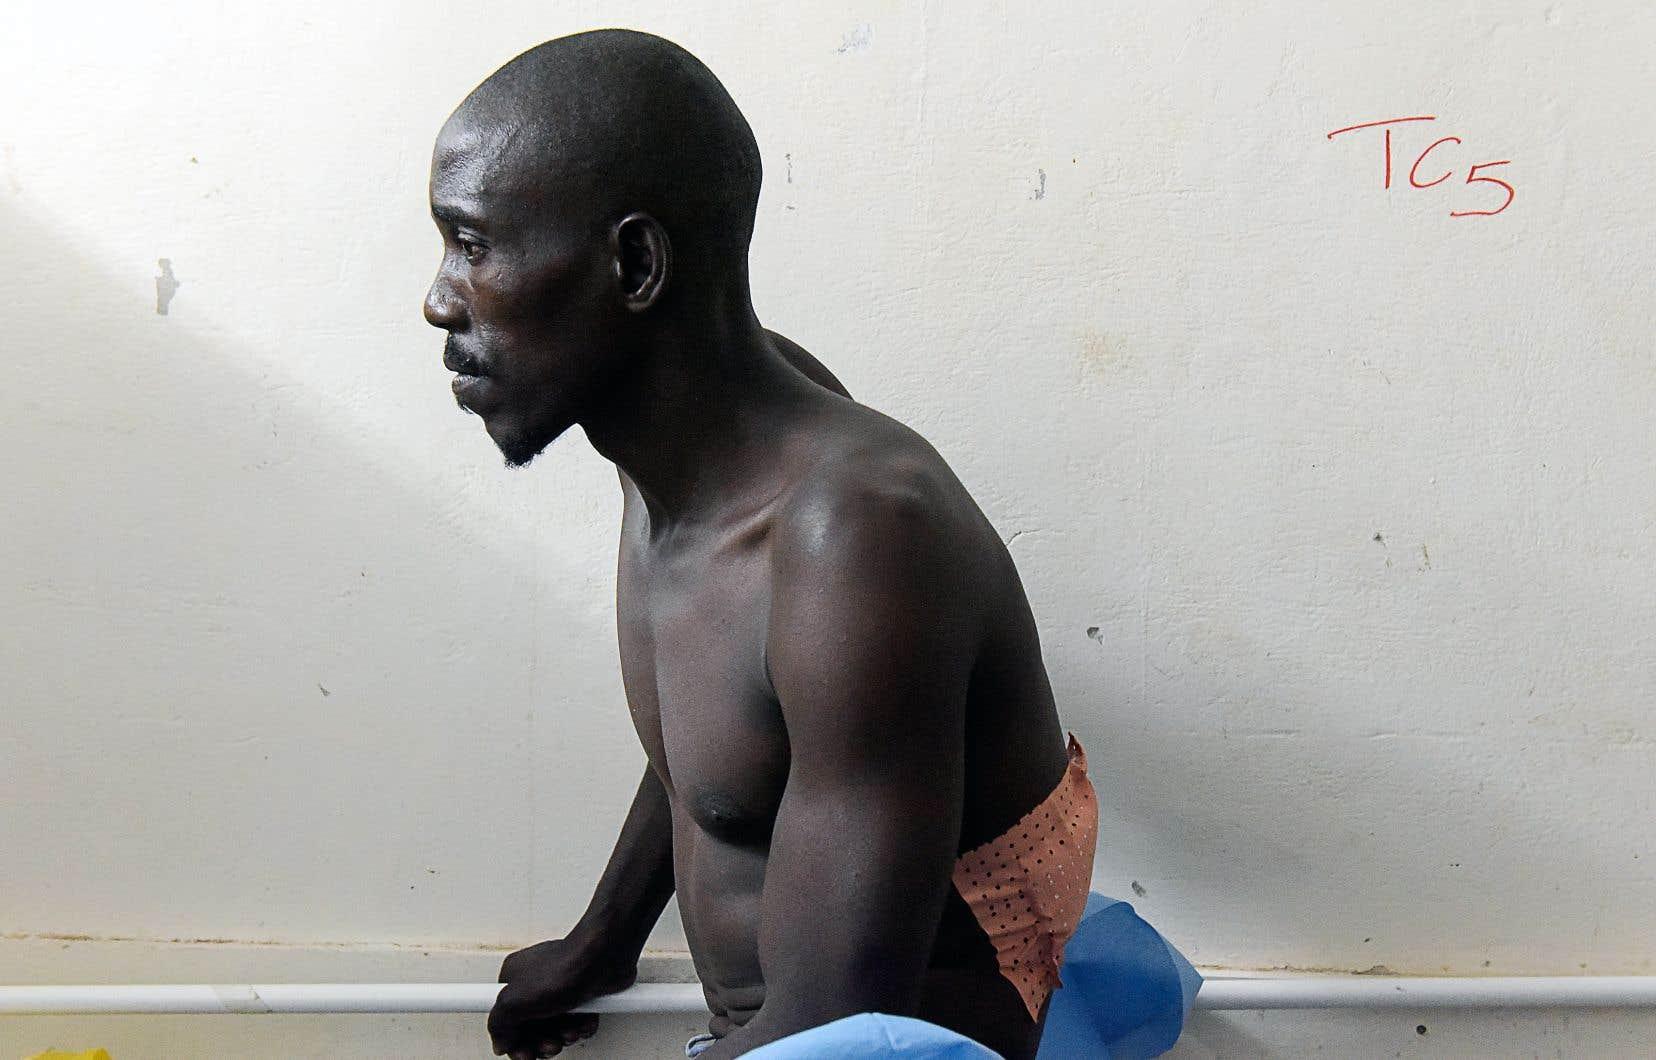 Un des survivants de l'attaque est soigné dans un hôpital de Ziguinchor dans le sud du Sénégal.